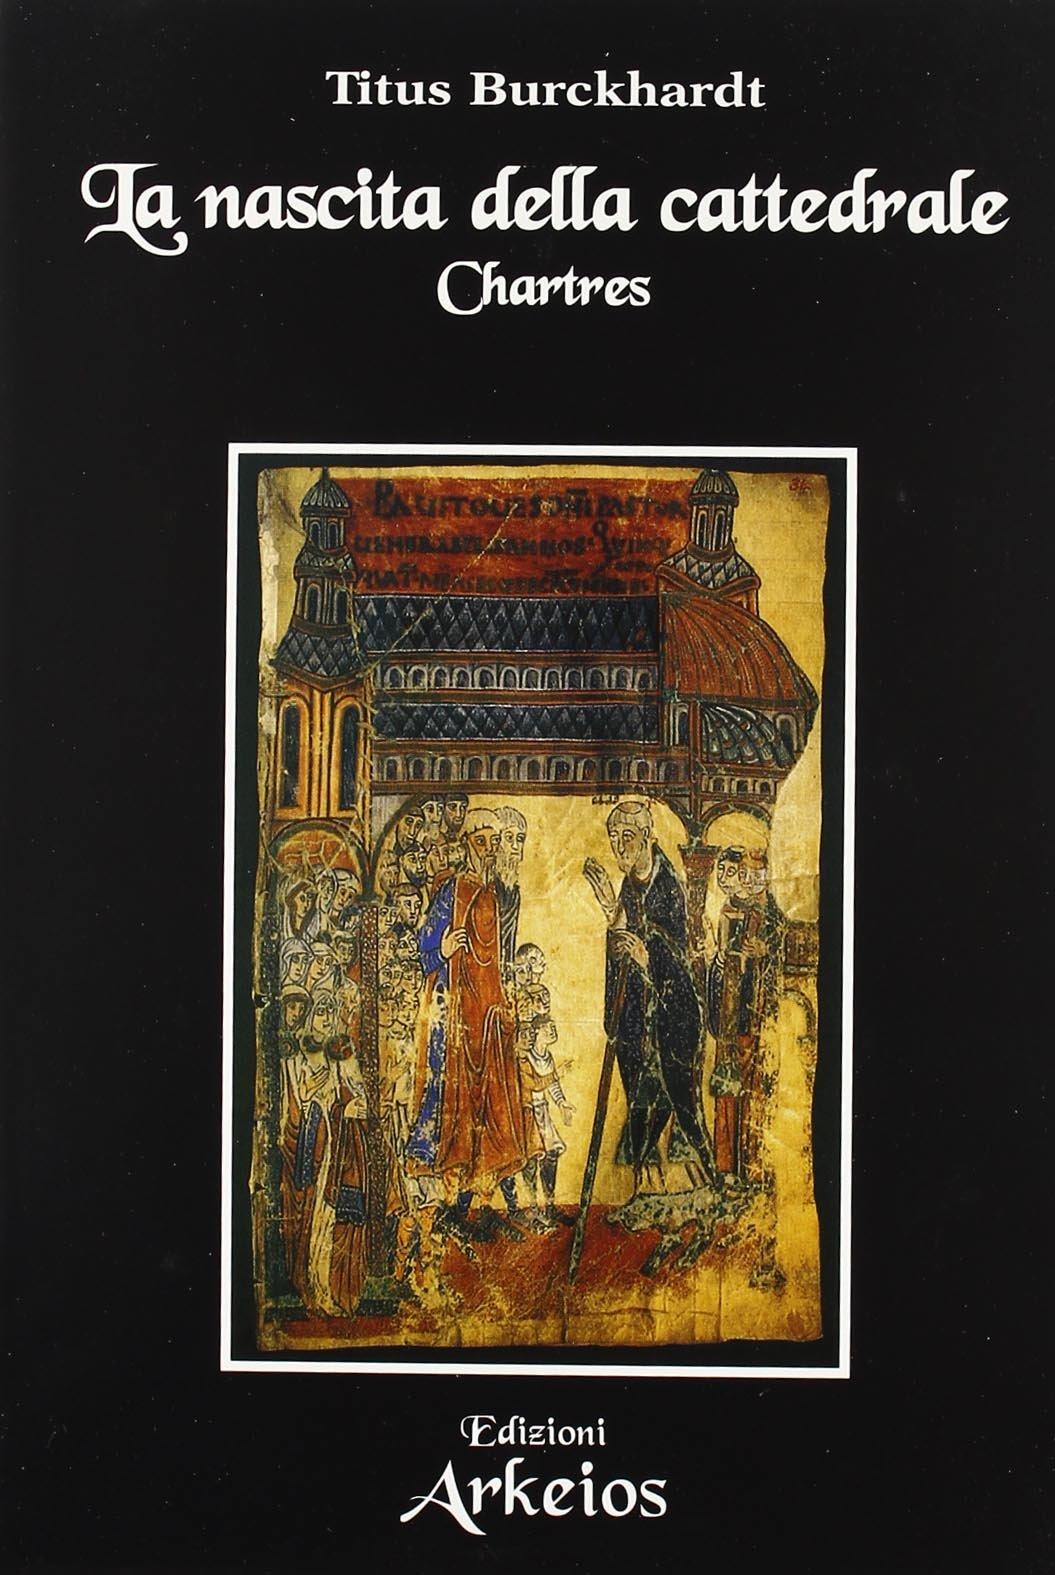 La nascita della cattedrale. Chartres Copertina flessibile – 1 lug 2000 Titus Burckhardt T. Buonacerva Edizioni Arkeios 8886495412